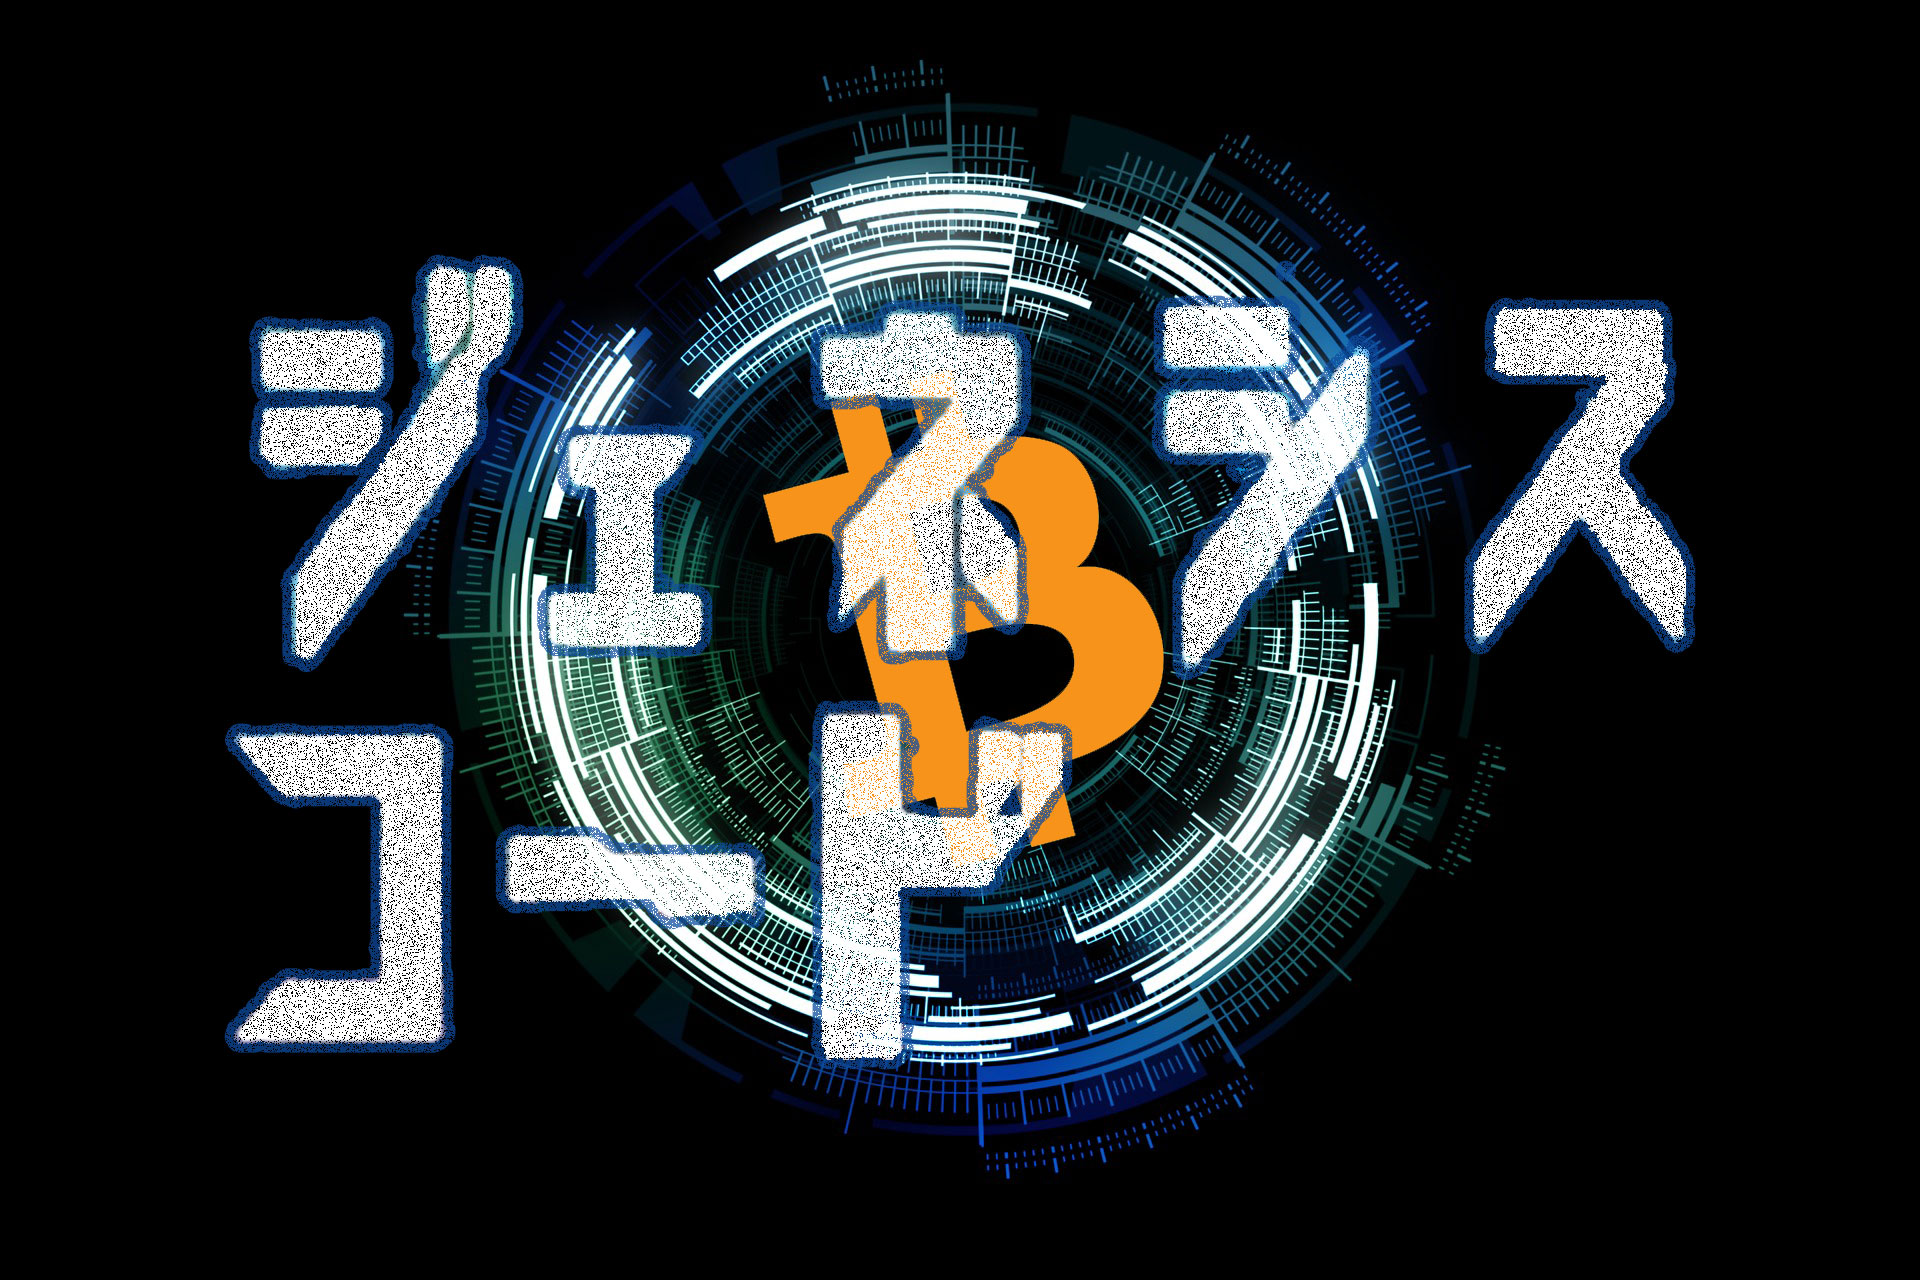 仮想通貨ビットコインがモチーフとなる漫画「ジェネシスコード」第一巻発売!